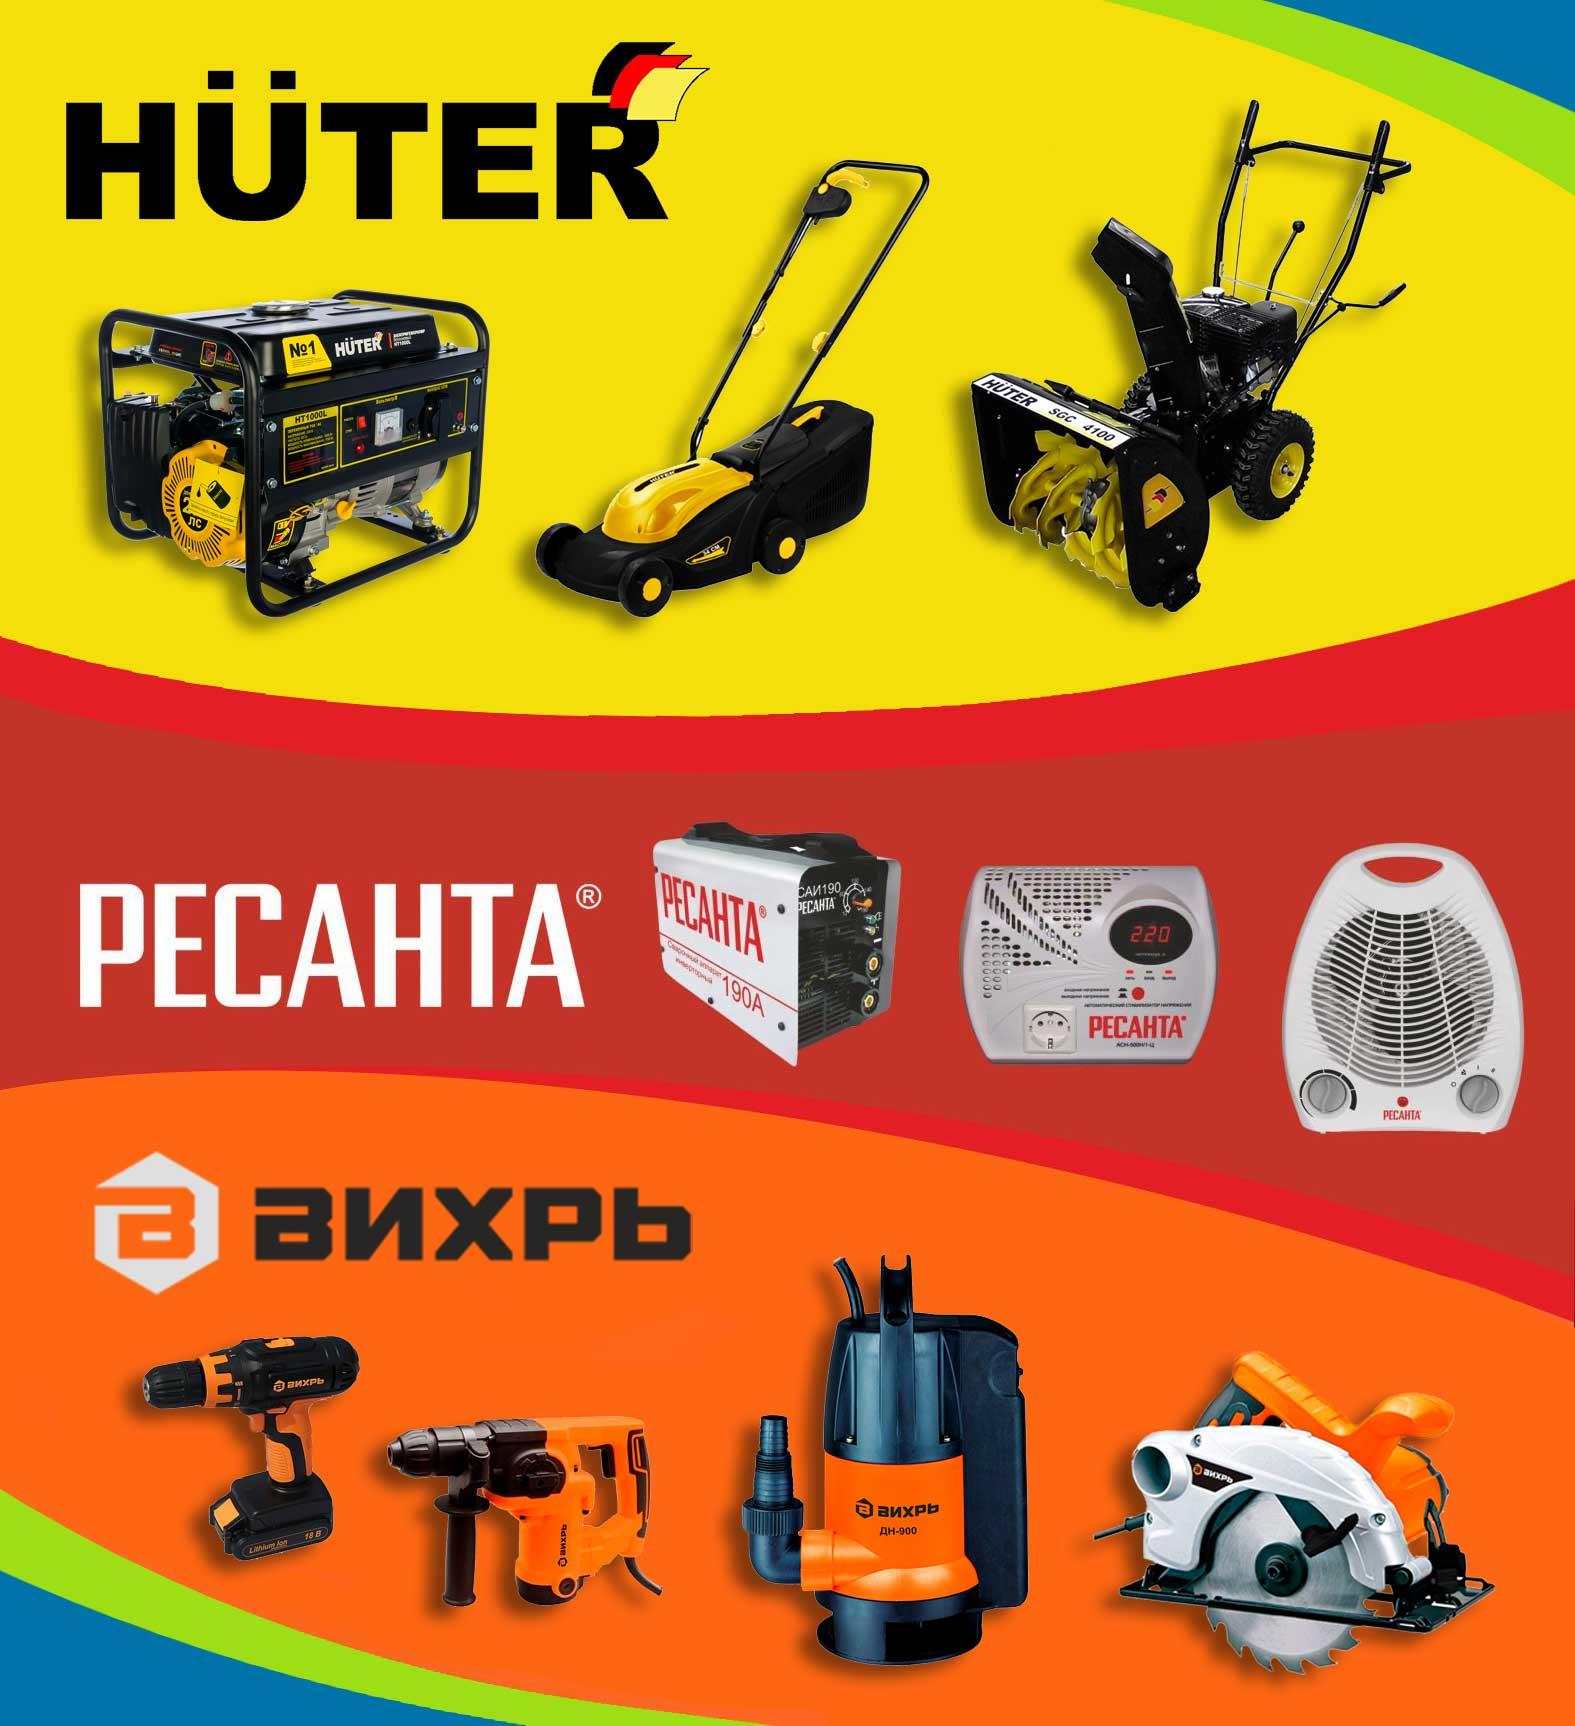 Купить оборудование Huter, Вихрь, Ресанта в Усть-Каменогорске